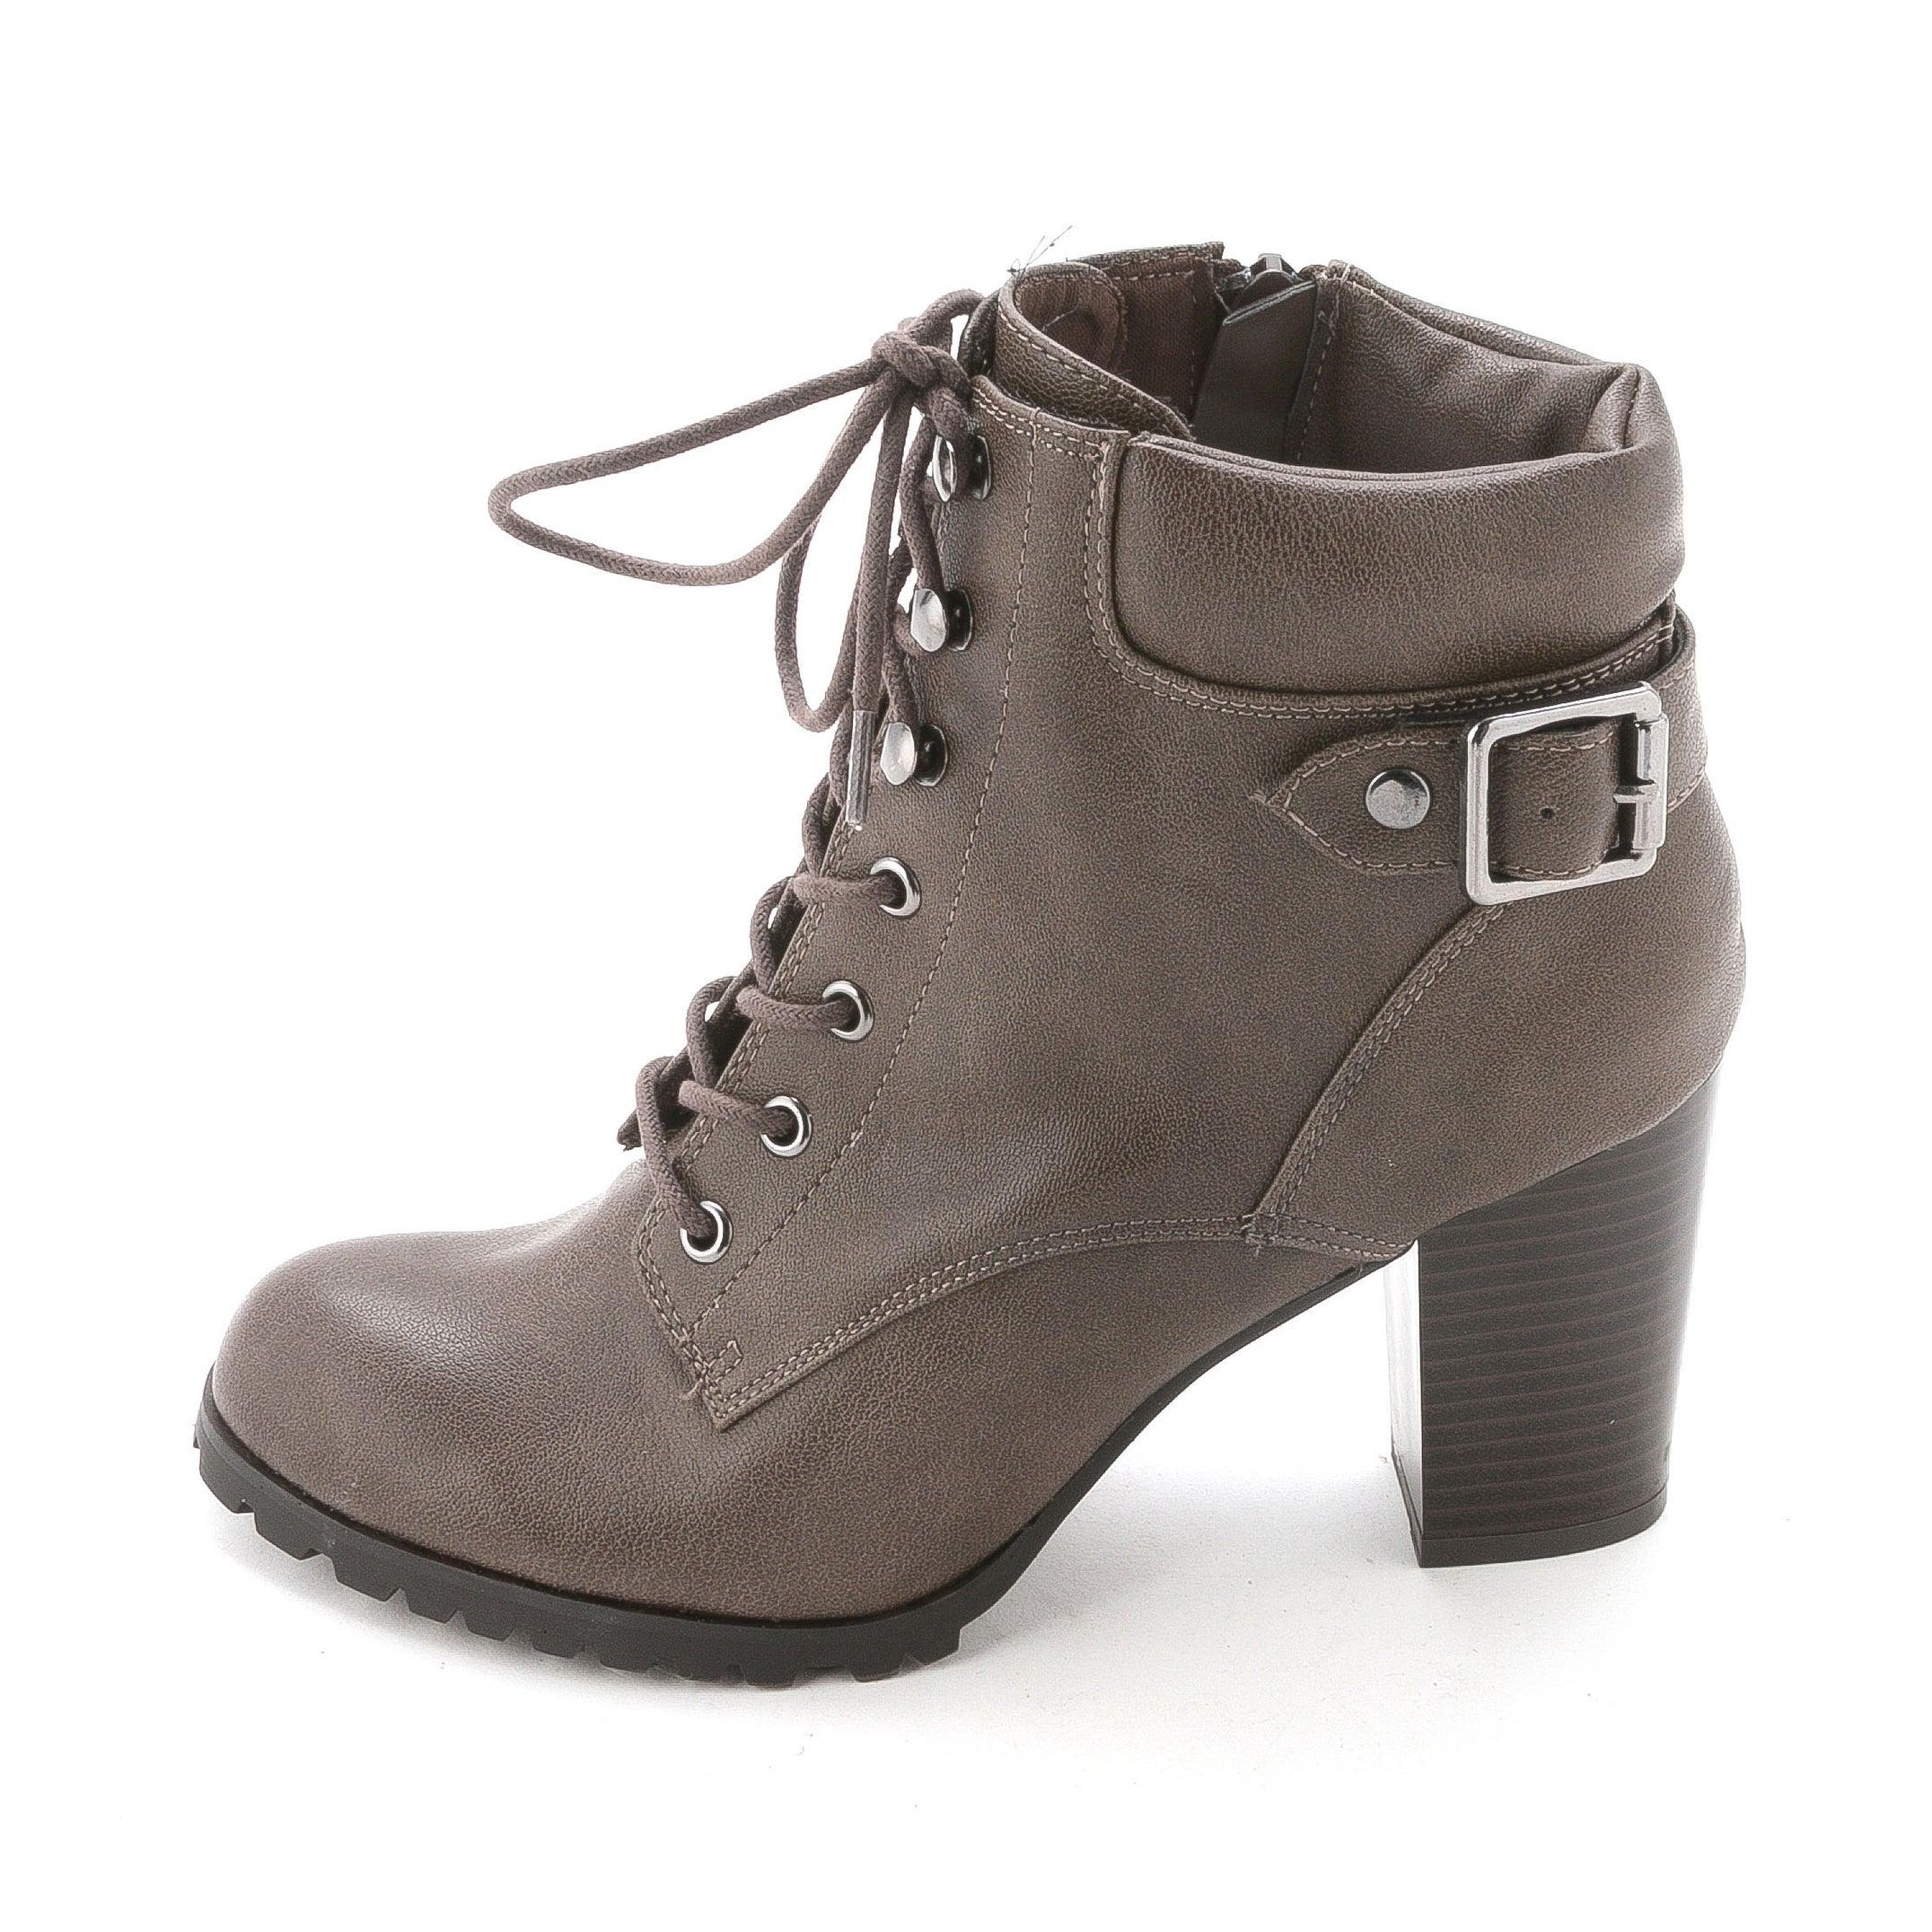 1a2bcee28c174 Combat Boots Shoes